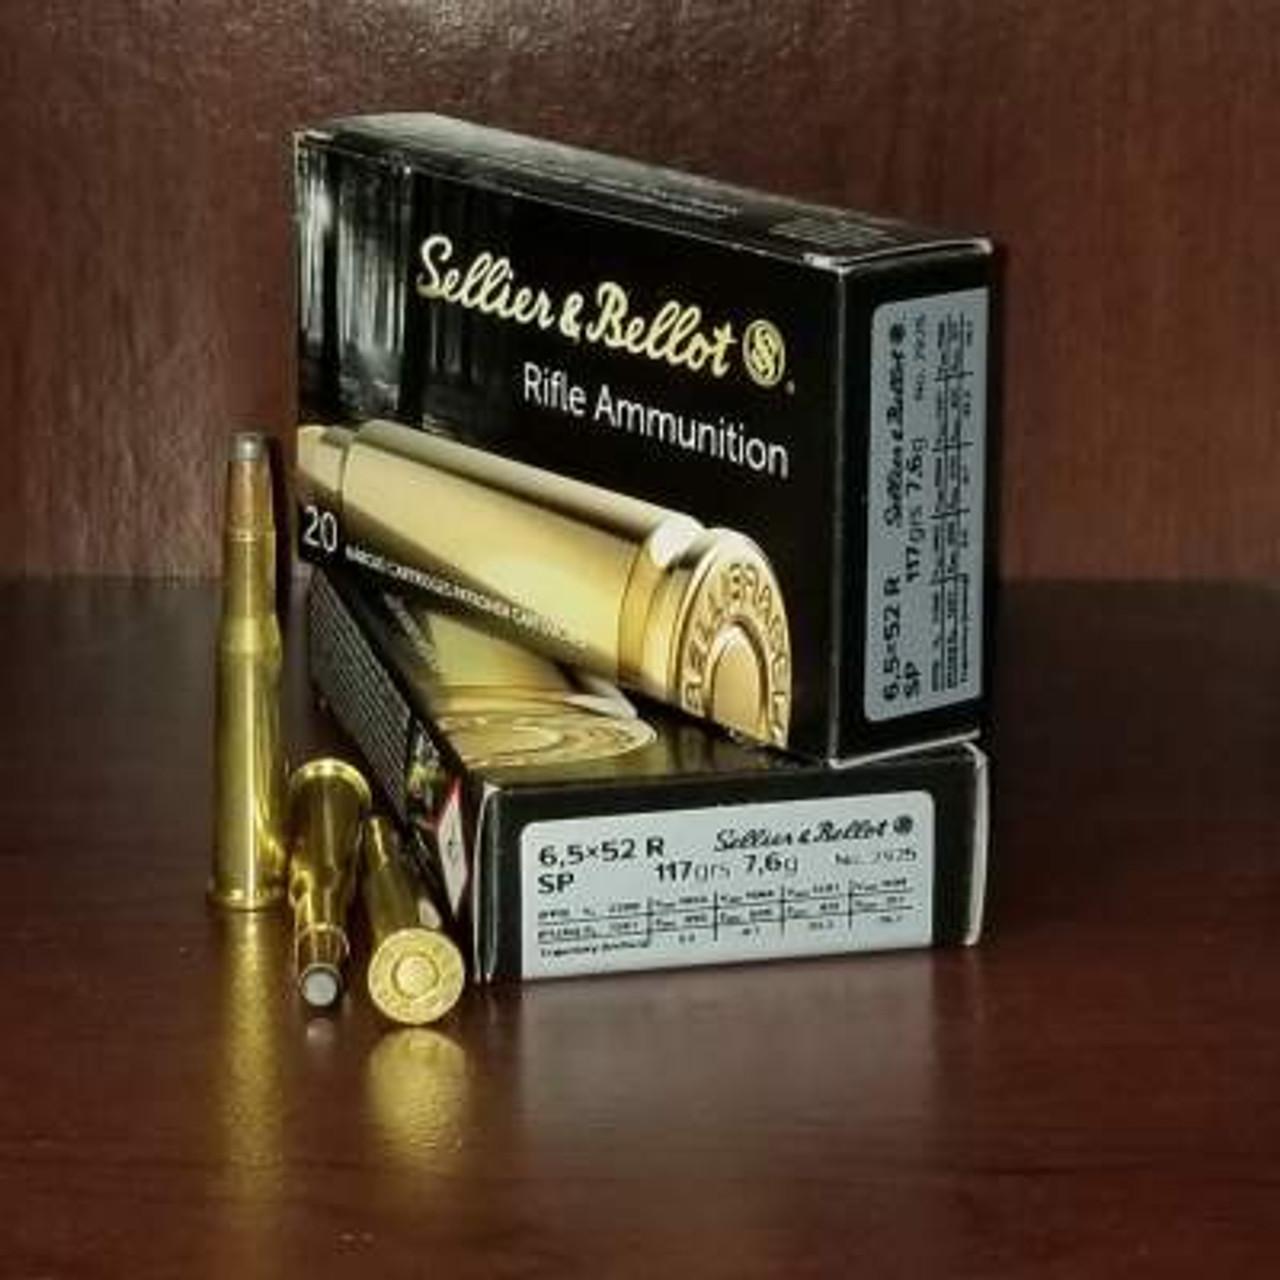 6.5x52R Ammo